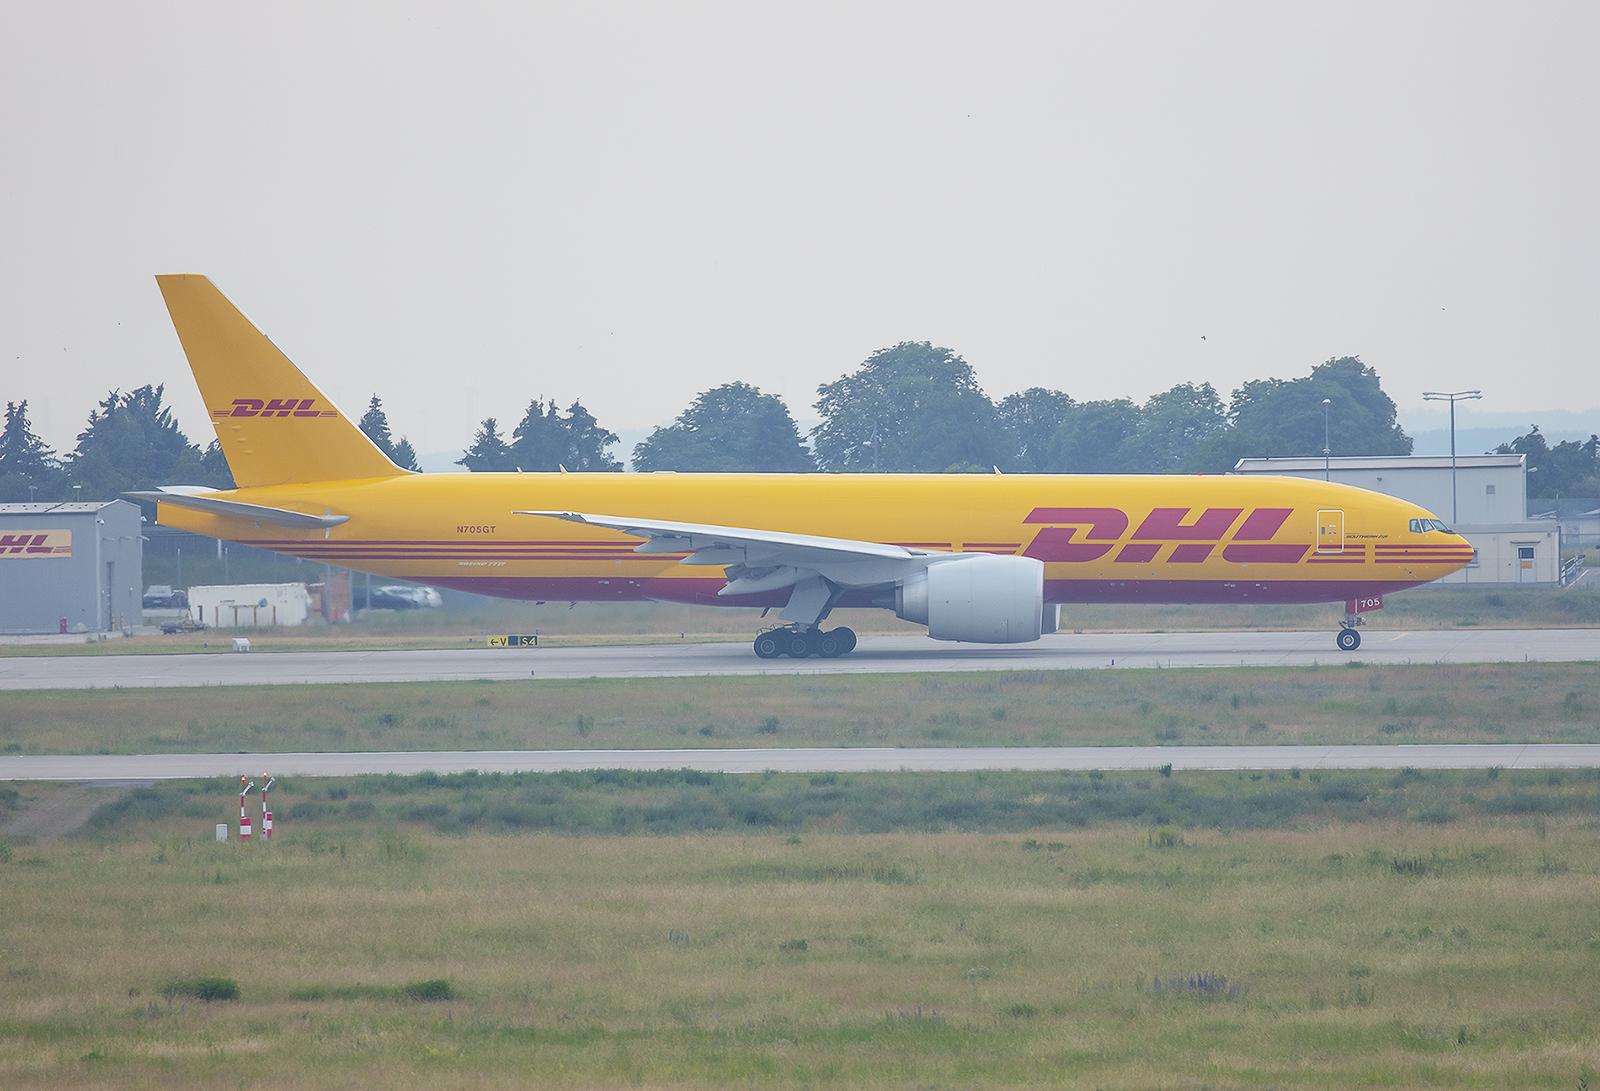 Southern Air betreibt diese Boeing 777 für den DHL, die eigentlich zu Aerologic gehen sollte.